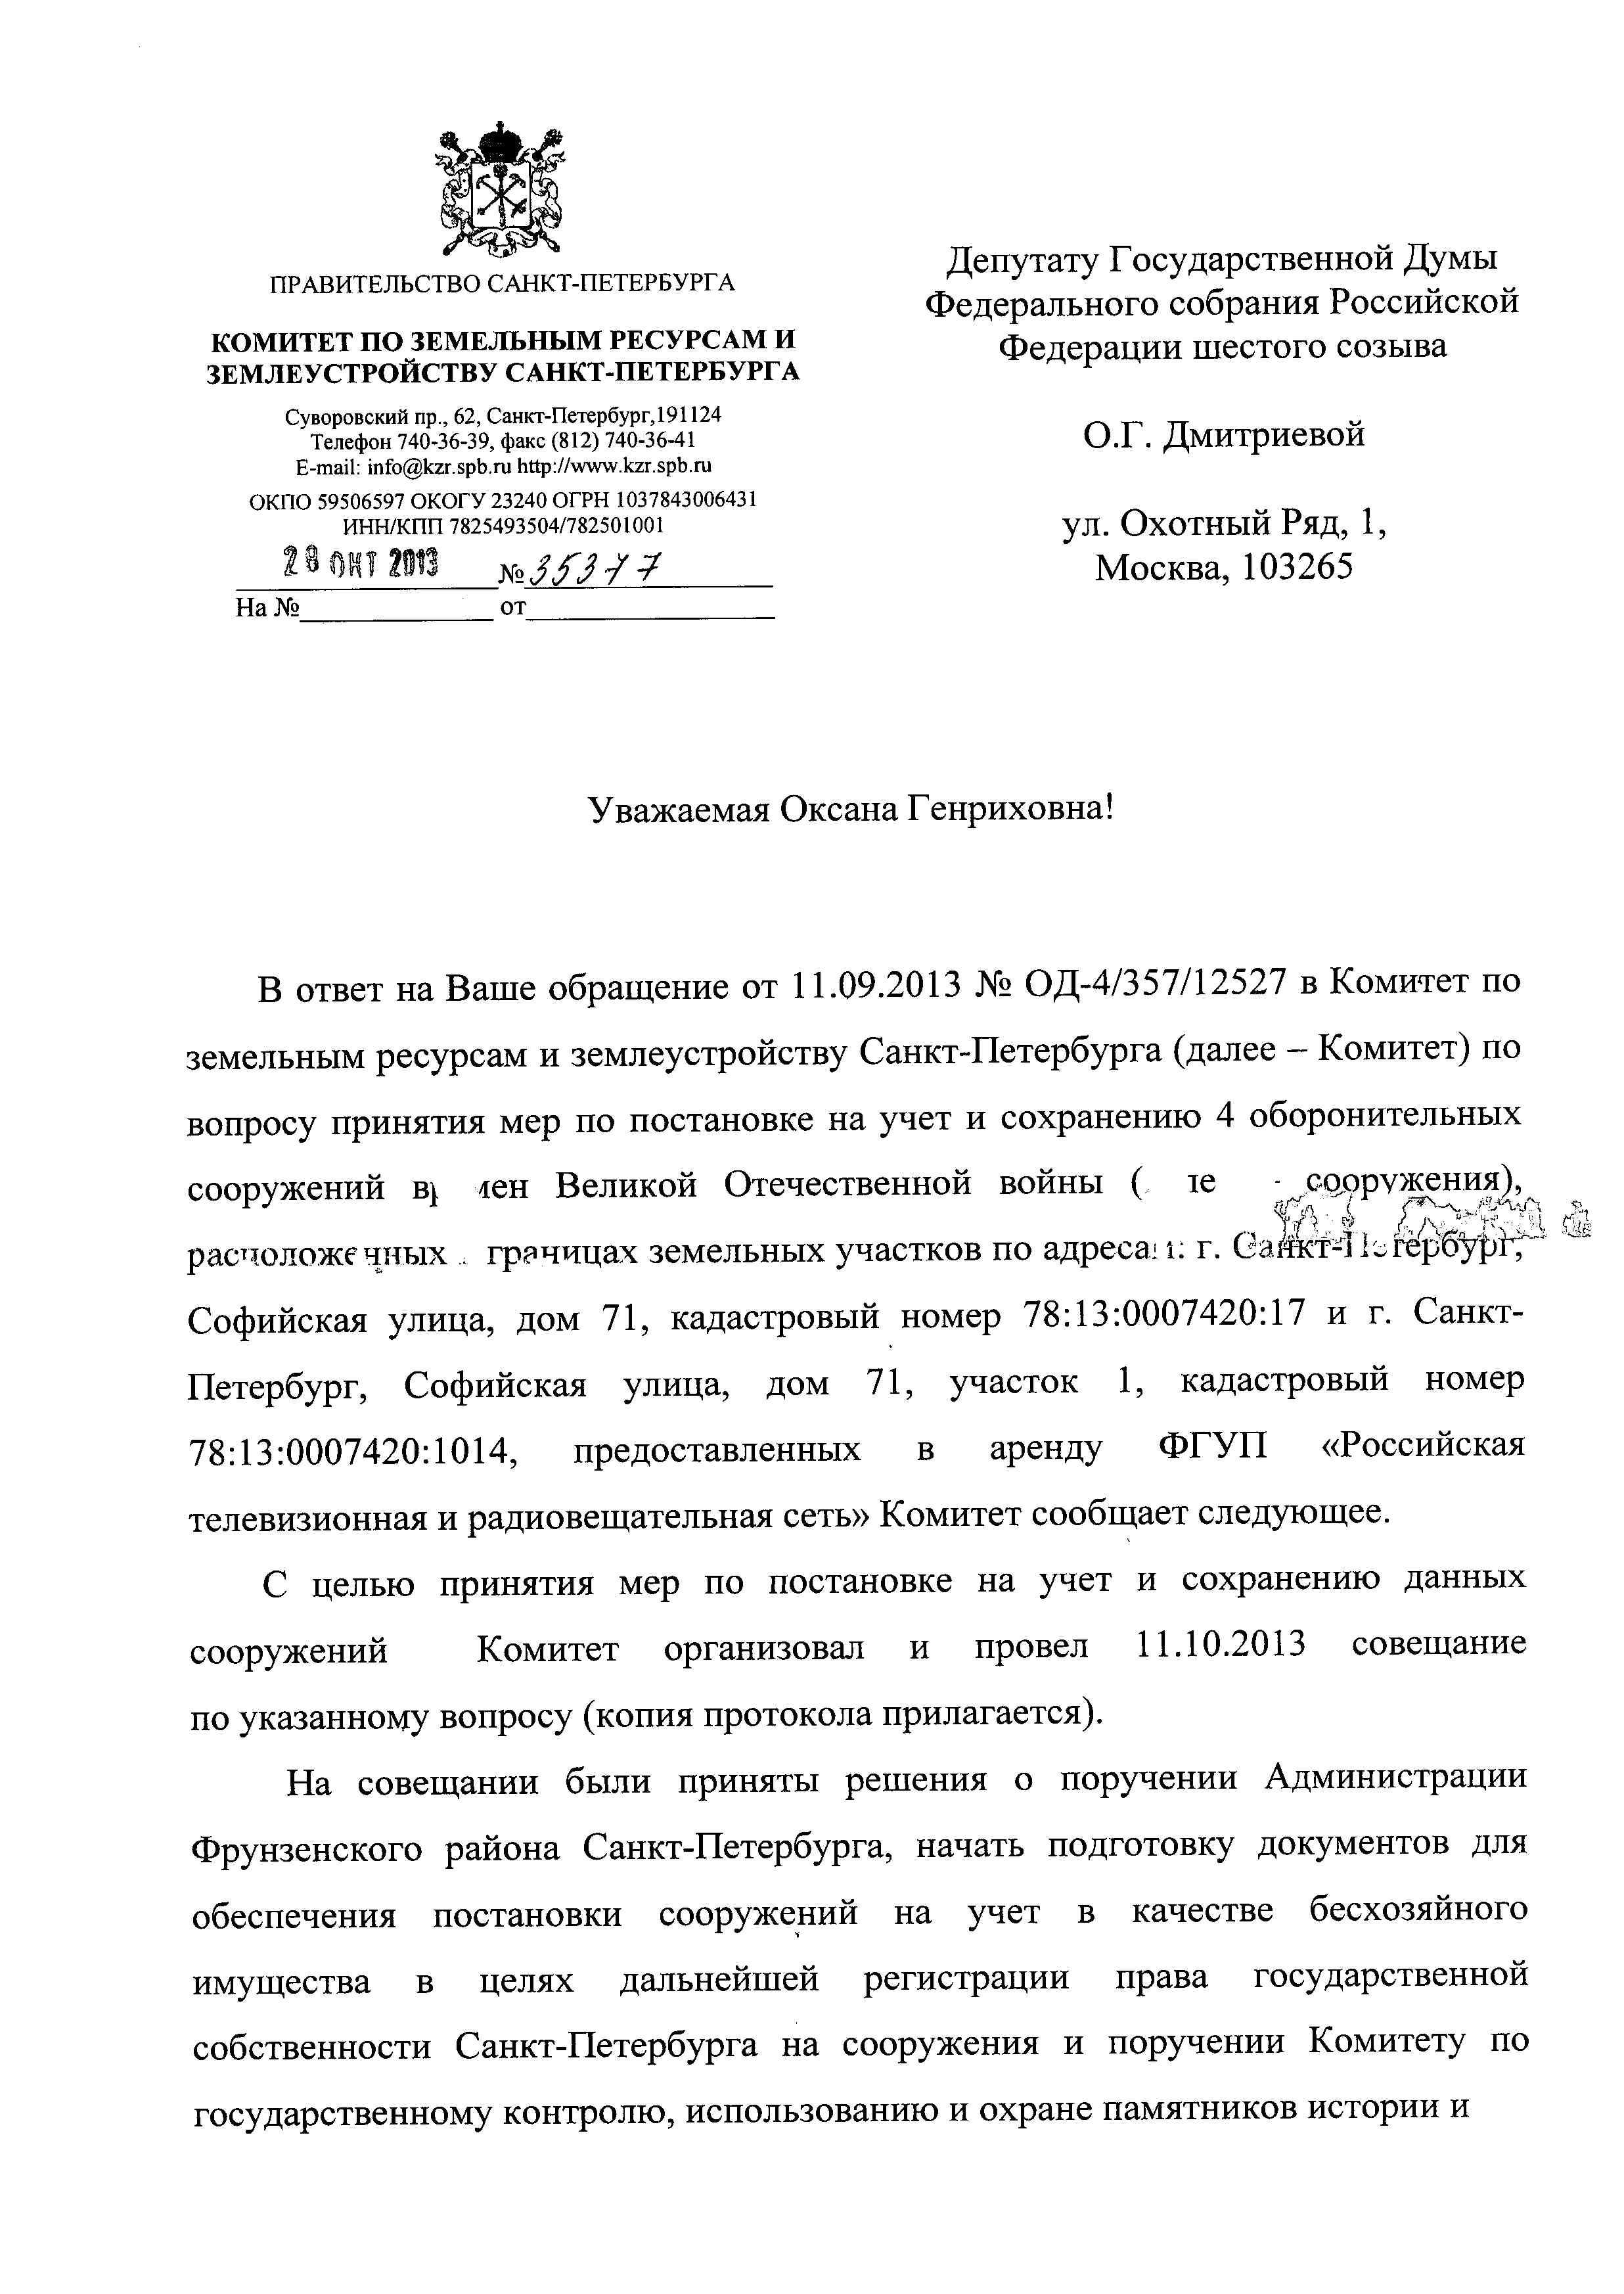 Хедрон комитет по земельным ресурсам и землеустройству договор аренды земельного участка Робот сказал